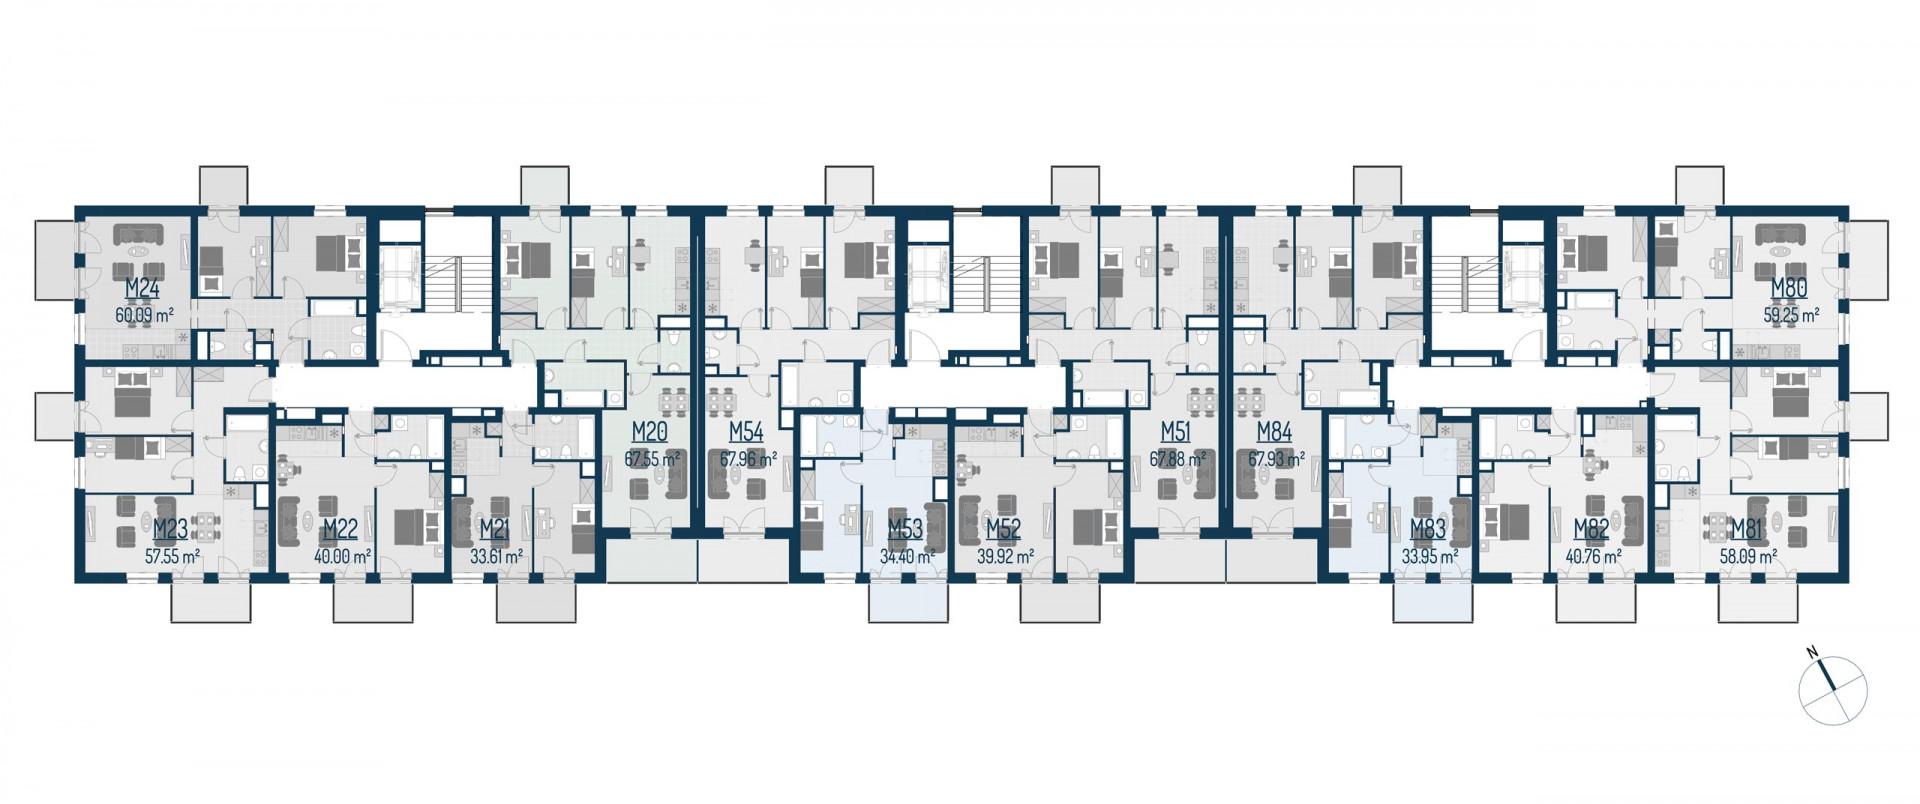 Zdrowe Stylove / budynek 1 / mieszkanie nr M20 rzut 2